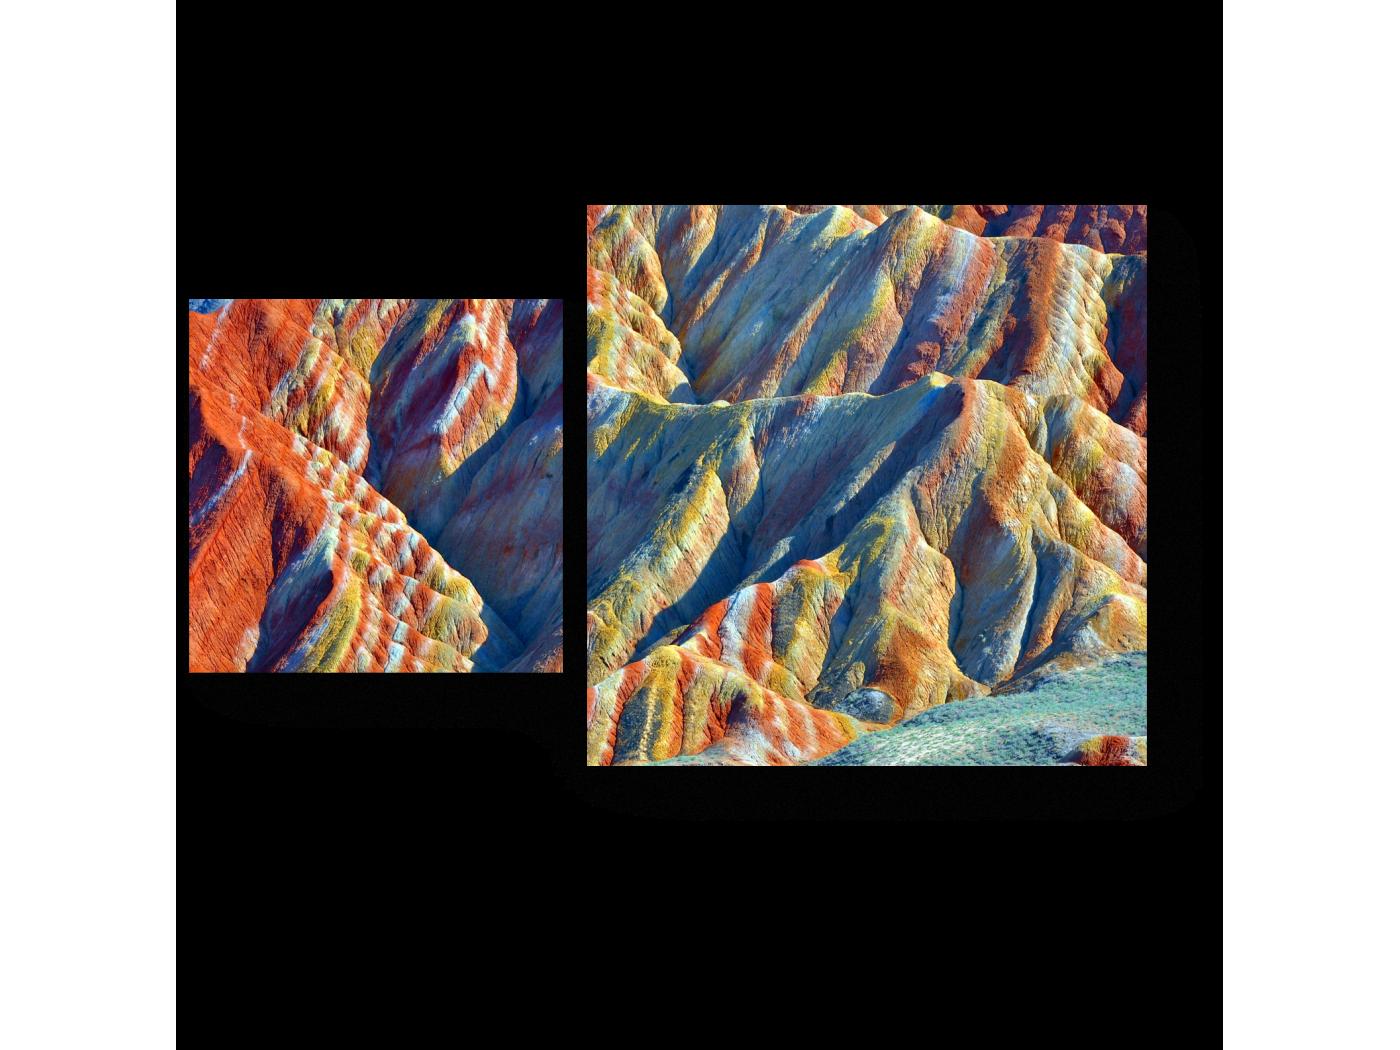 Модульная картина Горы в Китае (50x30) фото